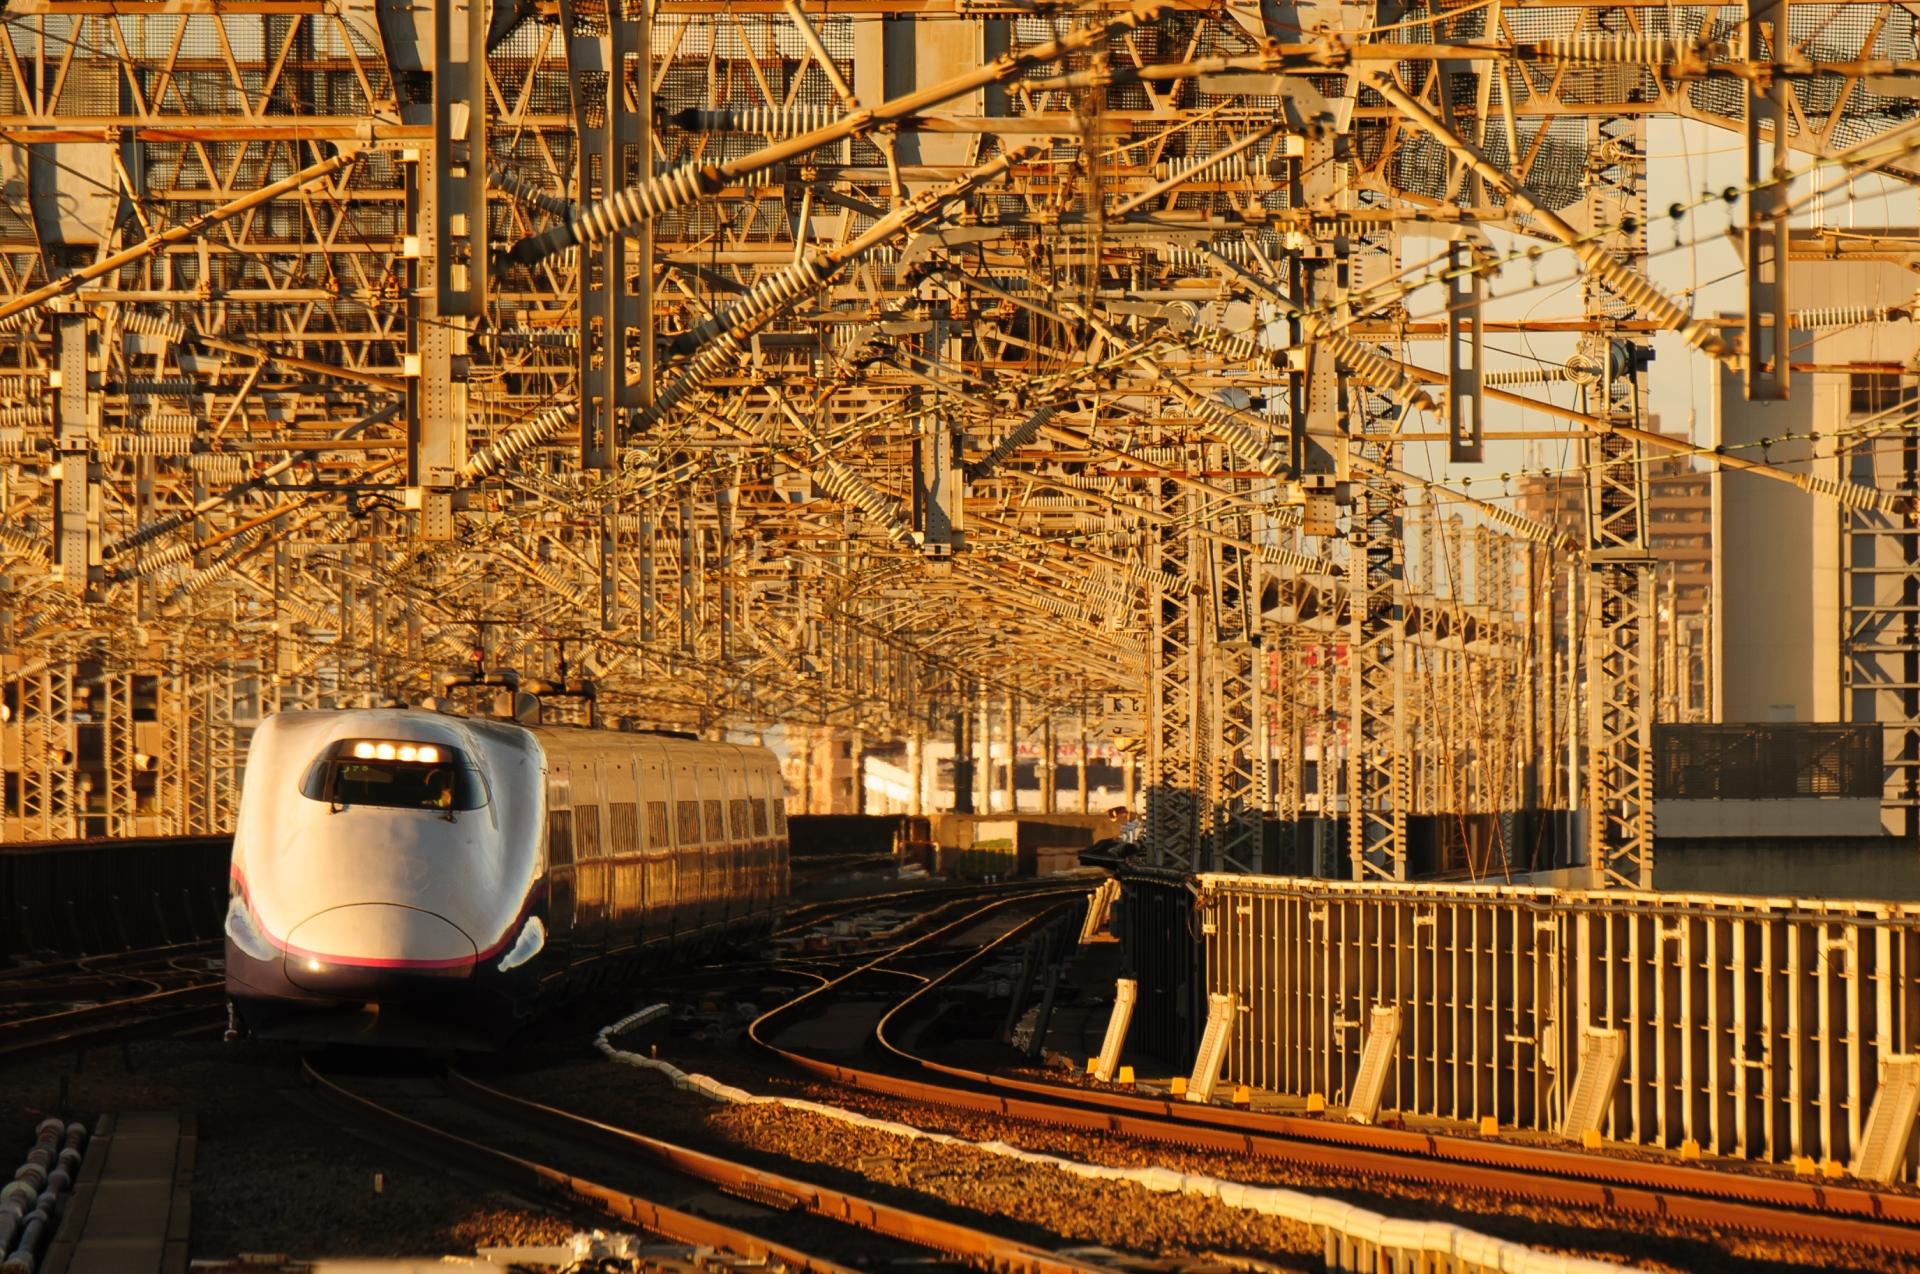 【初・新幹線が半額に!】JR東日本「お先にトクだ値スペシャル」とは?キャンセル可?